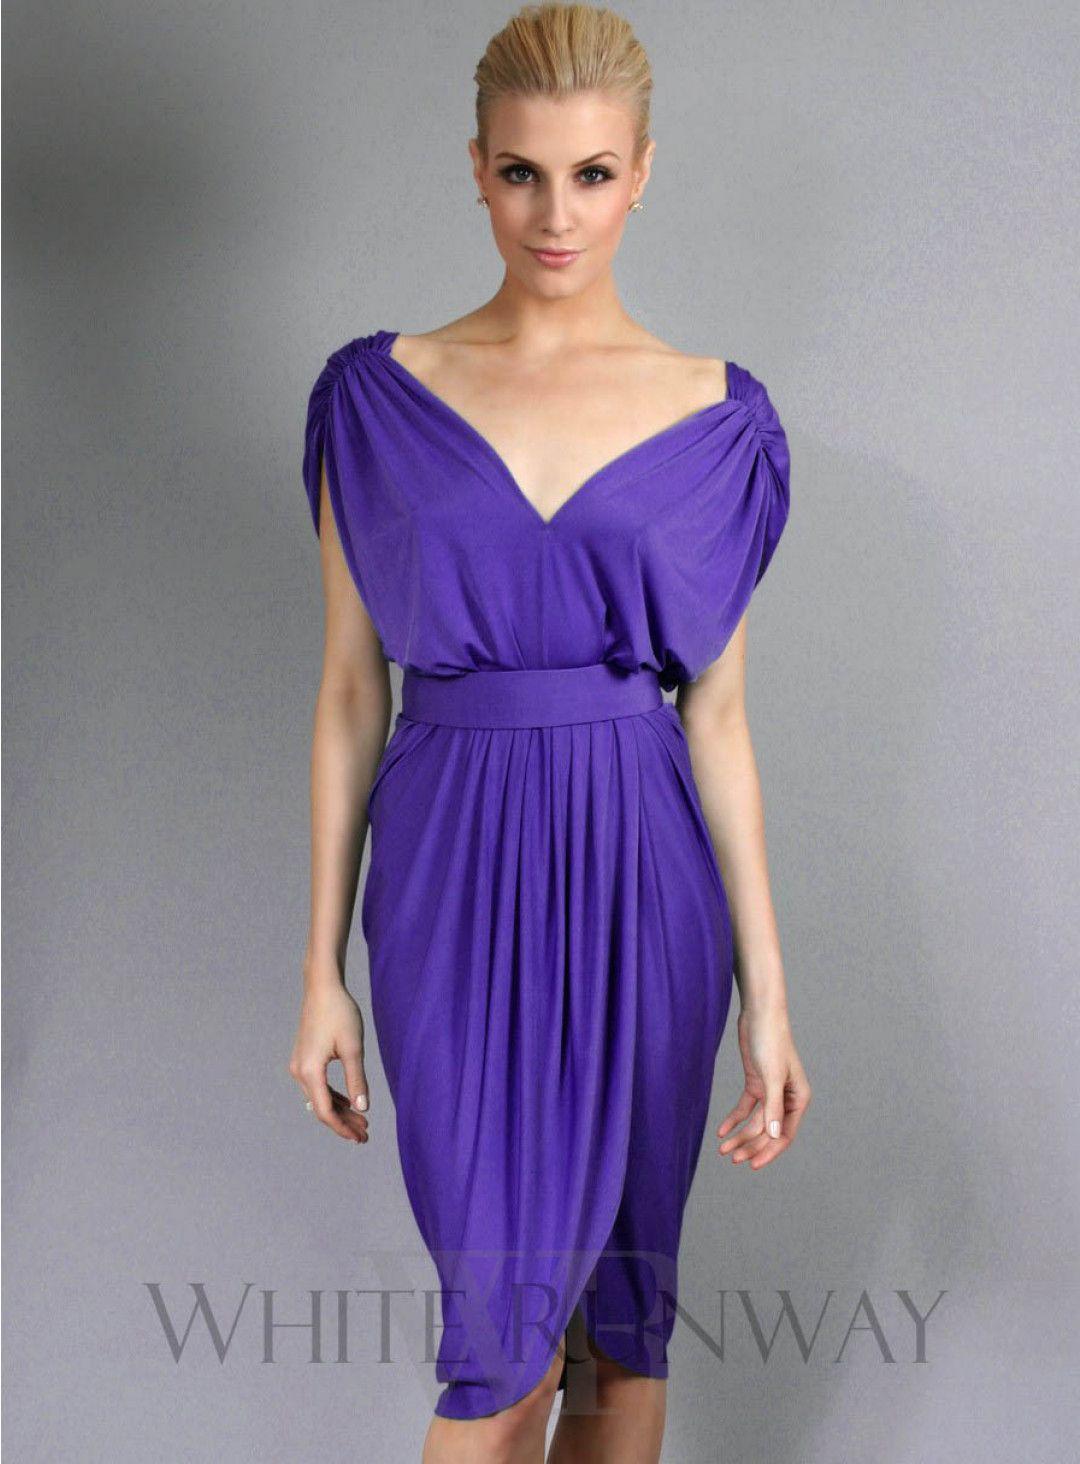 Excepcional Vestidos Invitado A La Boda Púrpura Ornamento - Ideas de ...